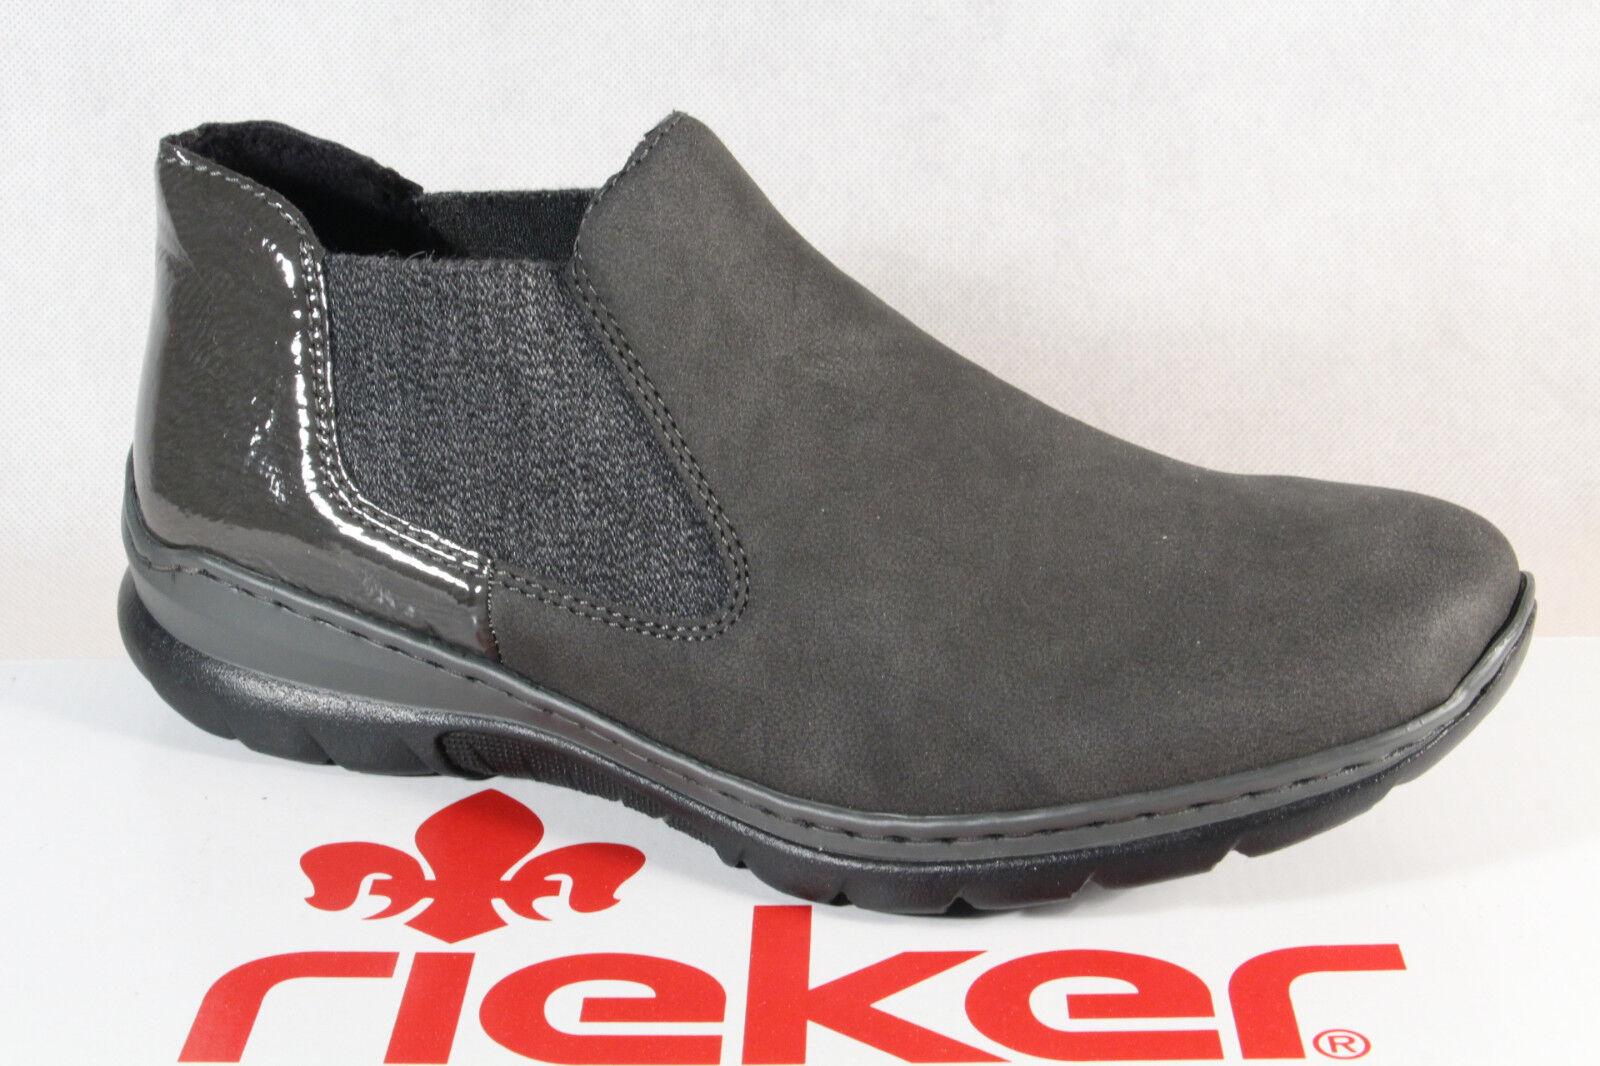 Rieker Mocasines Botines Zapatos Memosoft gris gris gris L32H0 Nuevo  Tu satisfacción es nuestro objetivo